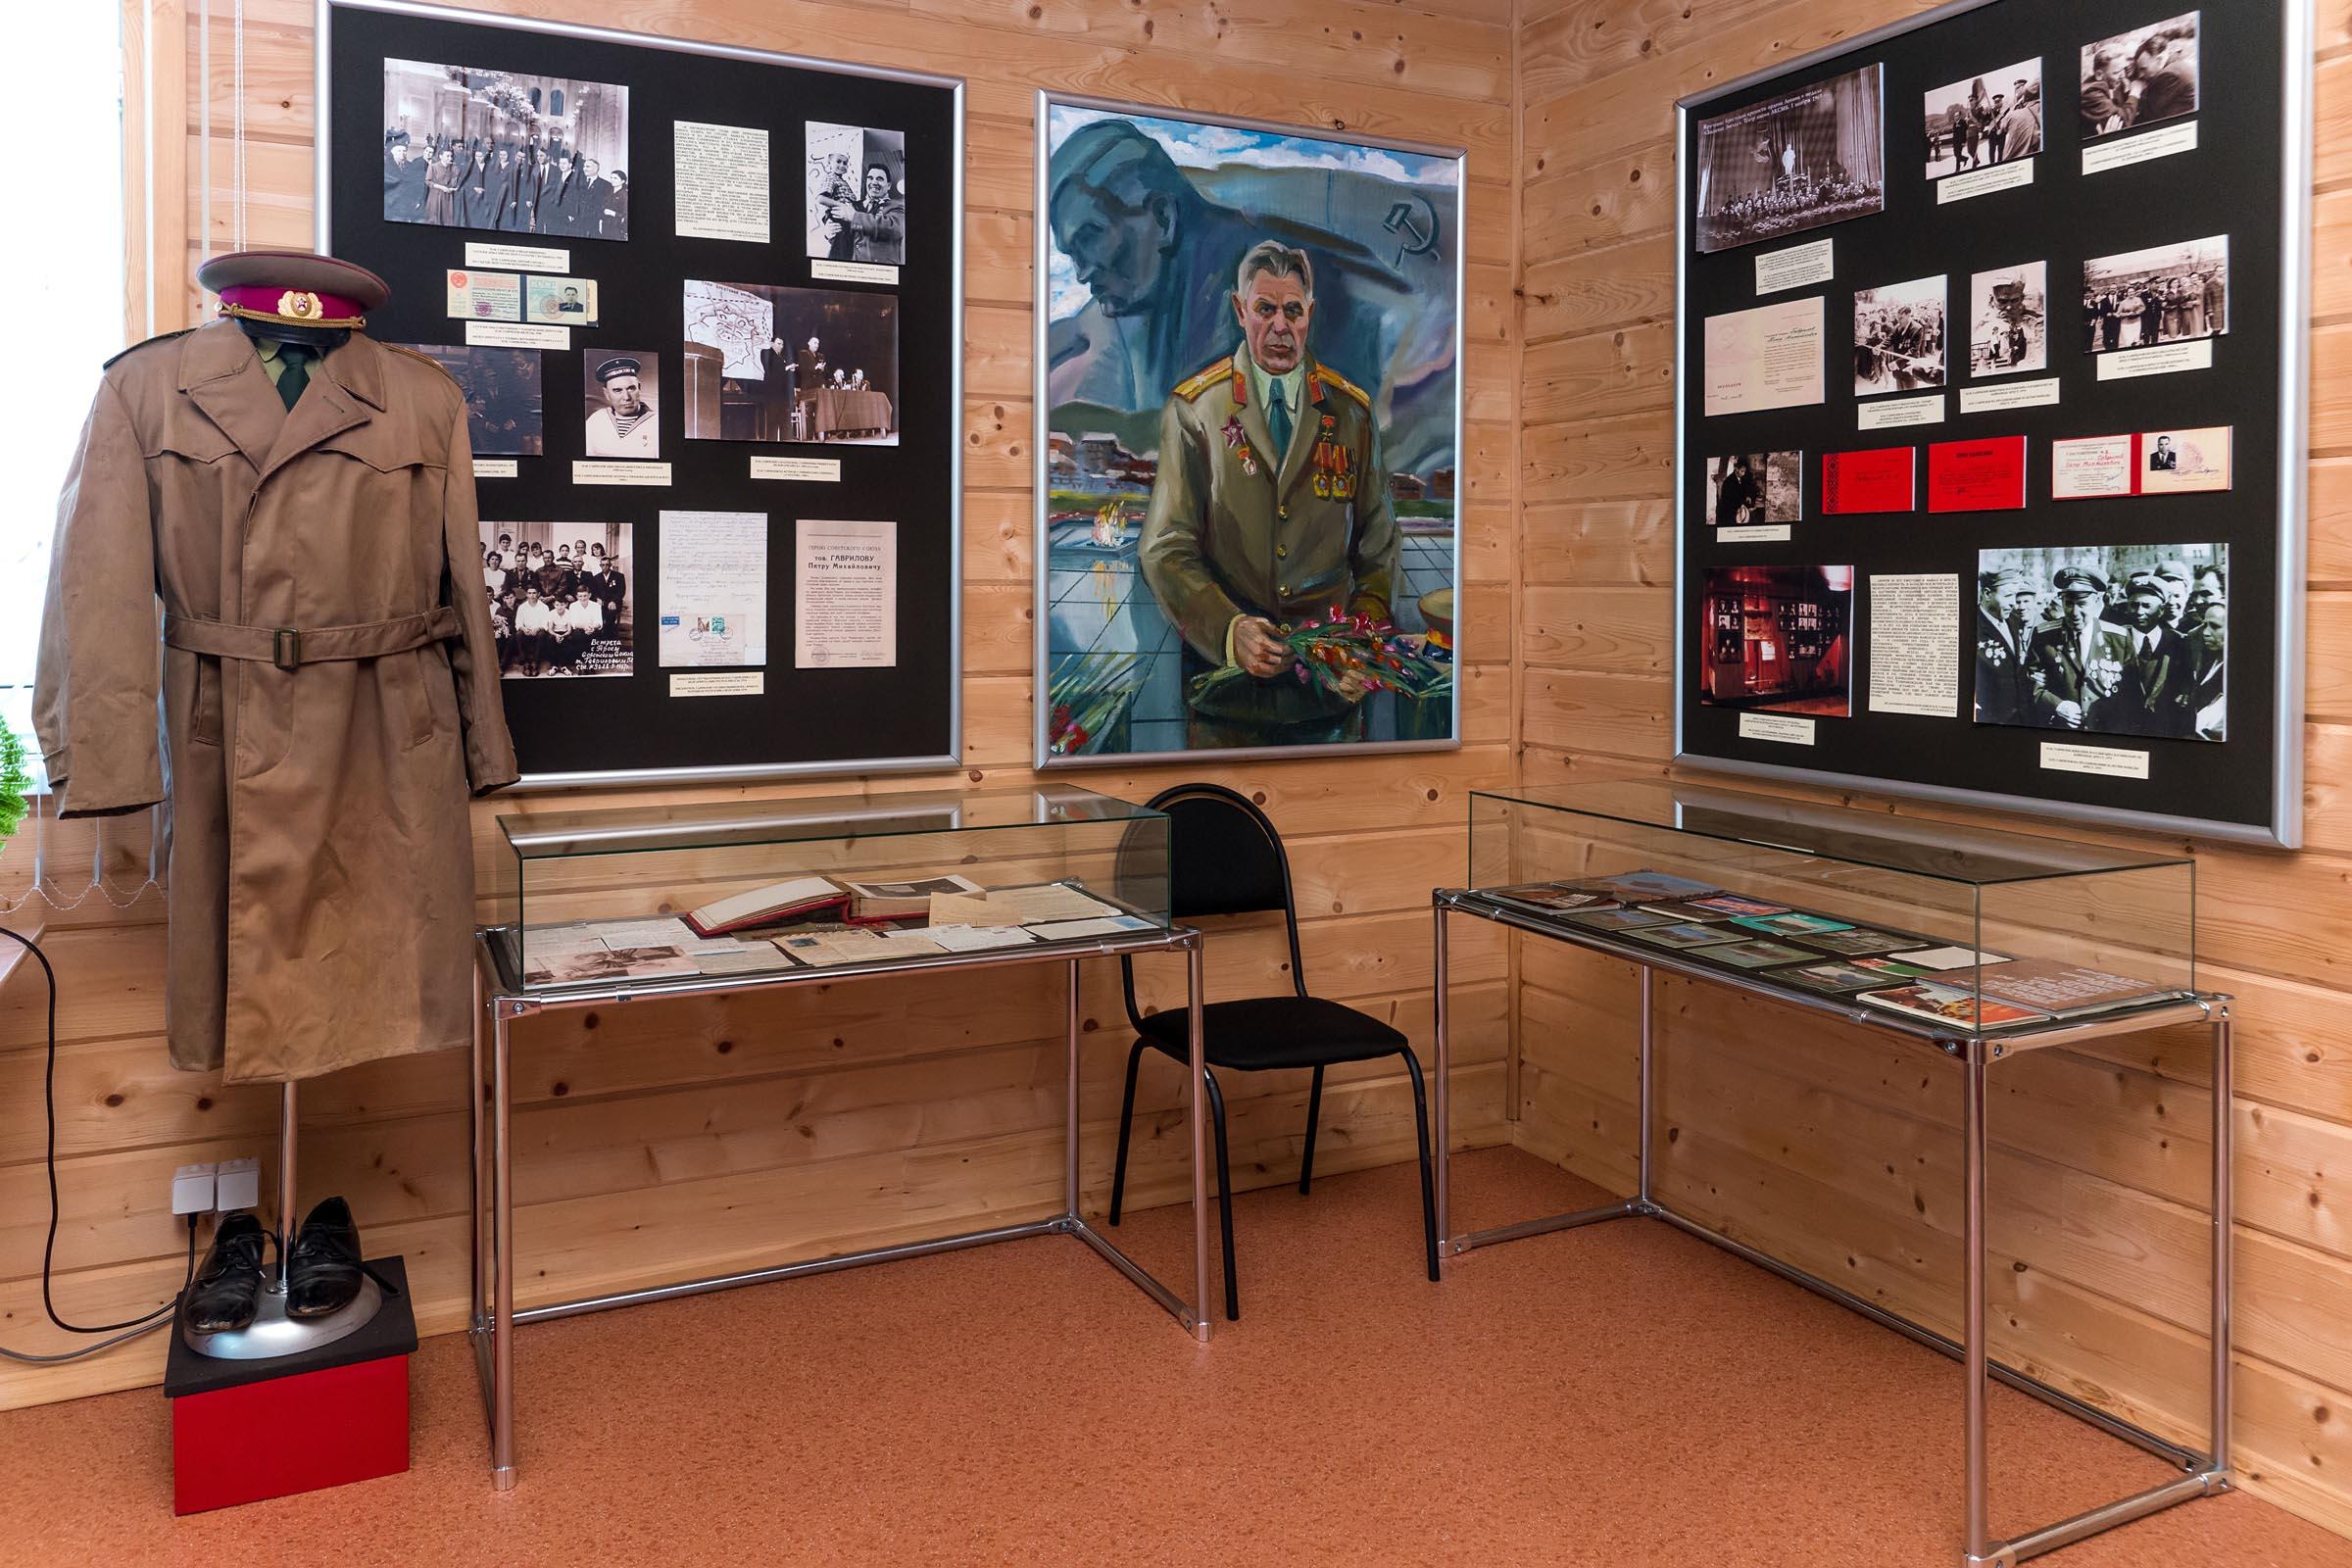 Военные музеи Москвы можно посетить бесплатно Военные музеи Москвы можно посетить бесплатно 04 6